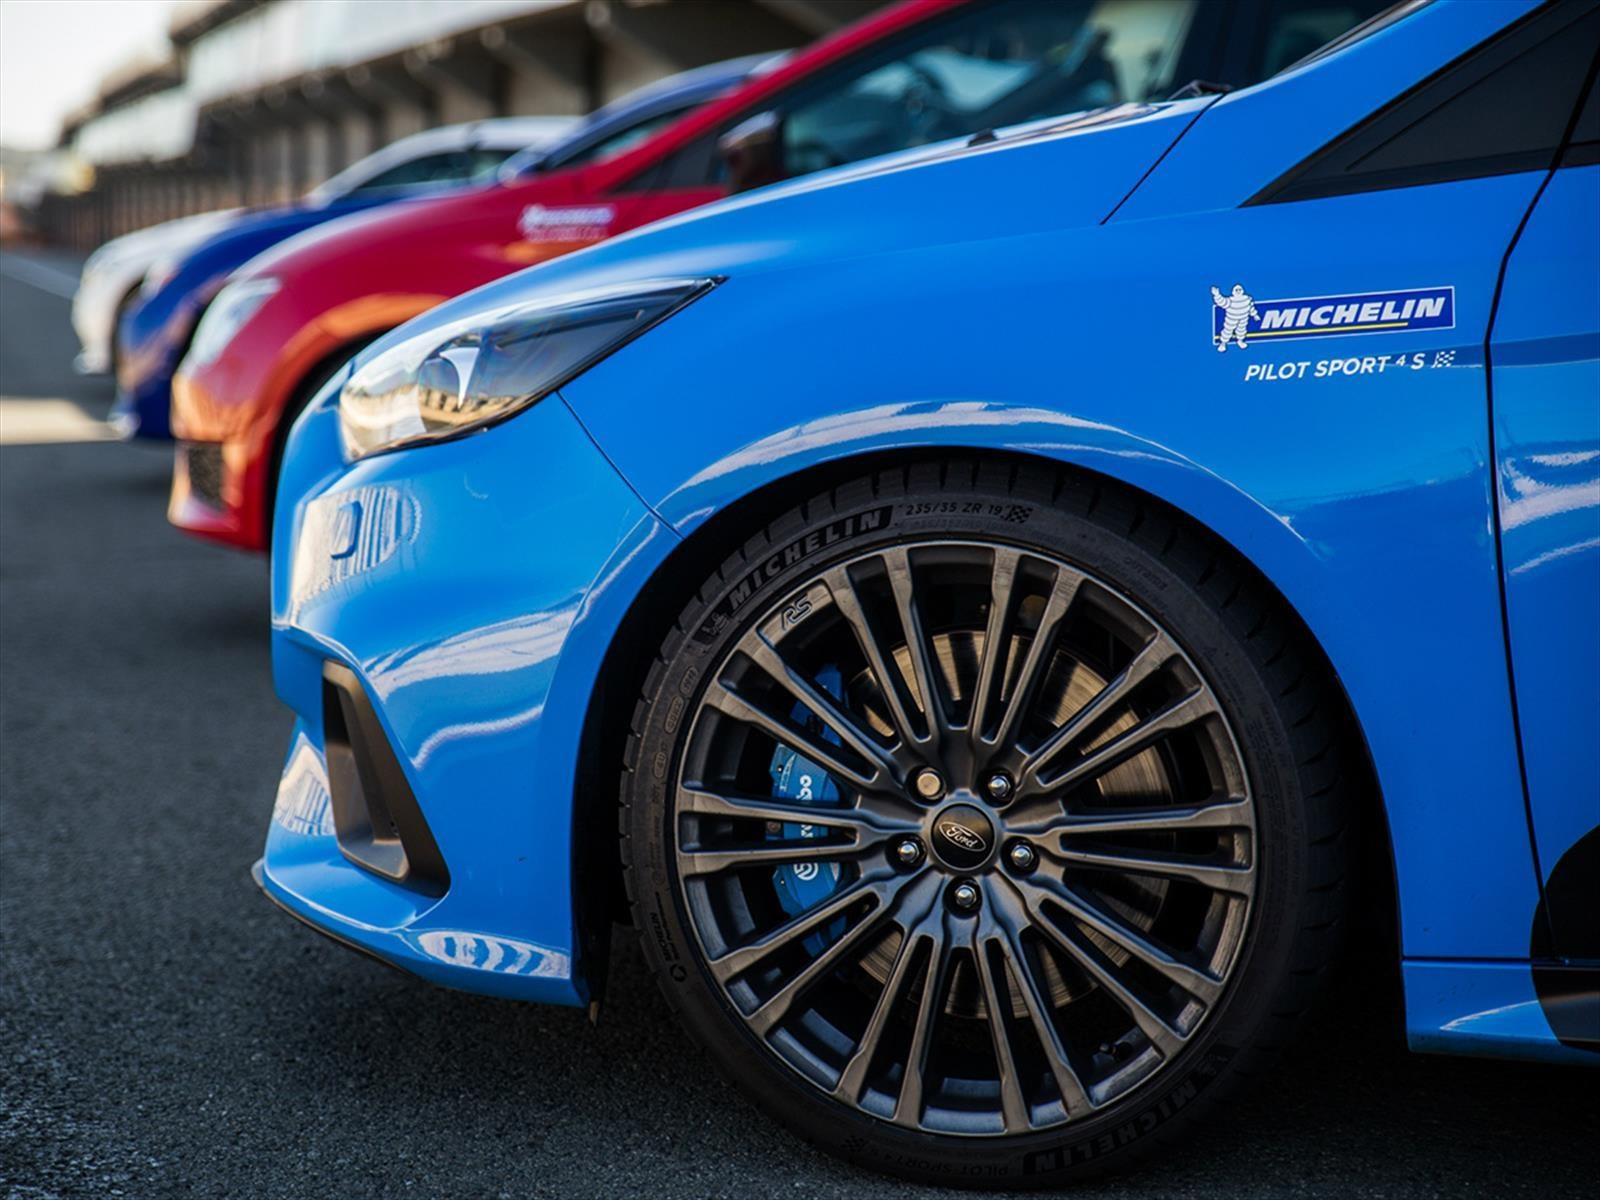 Michelin Pilot Sport 4 S, agarre estelar en seco y mojado